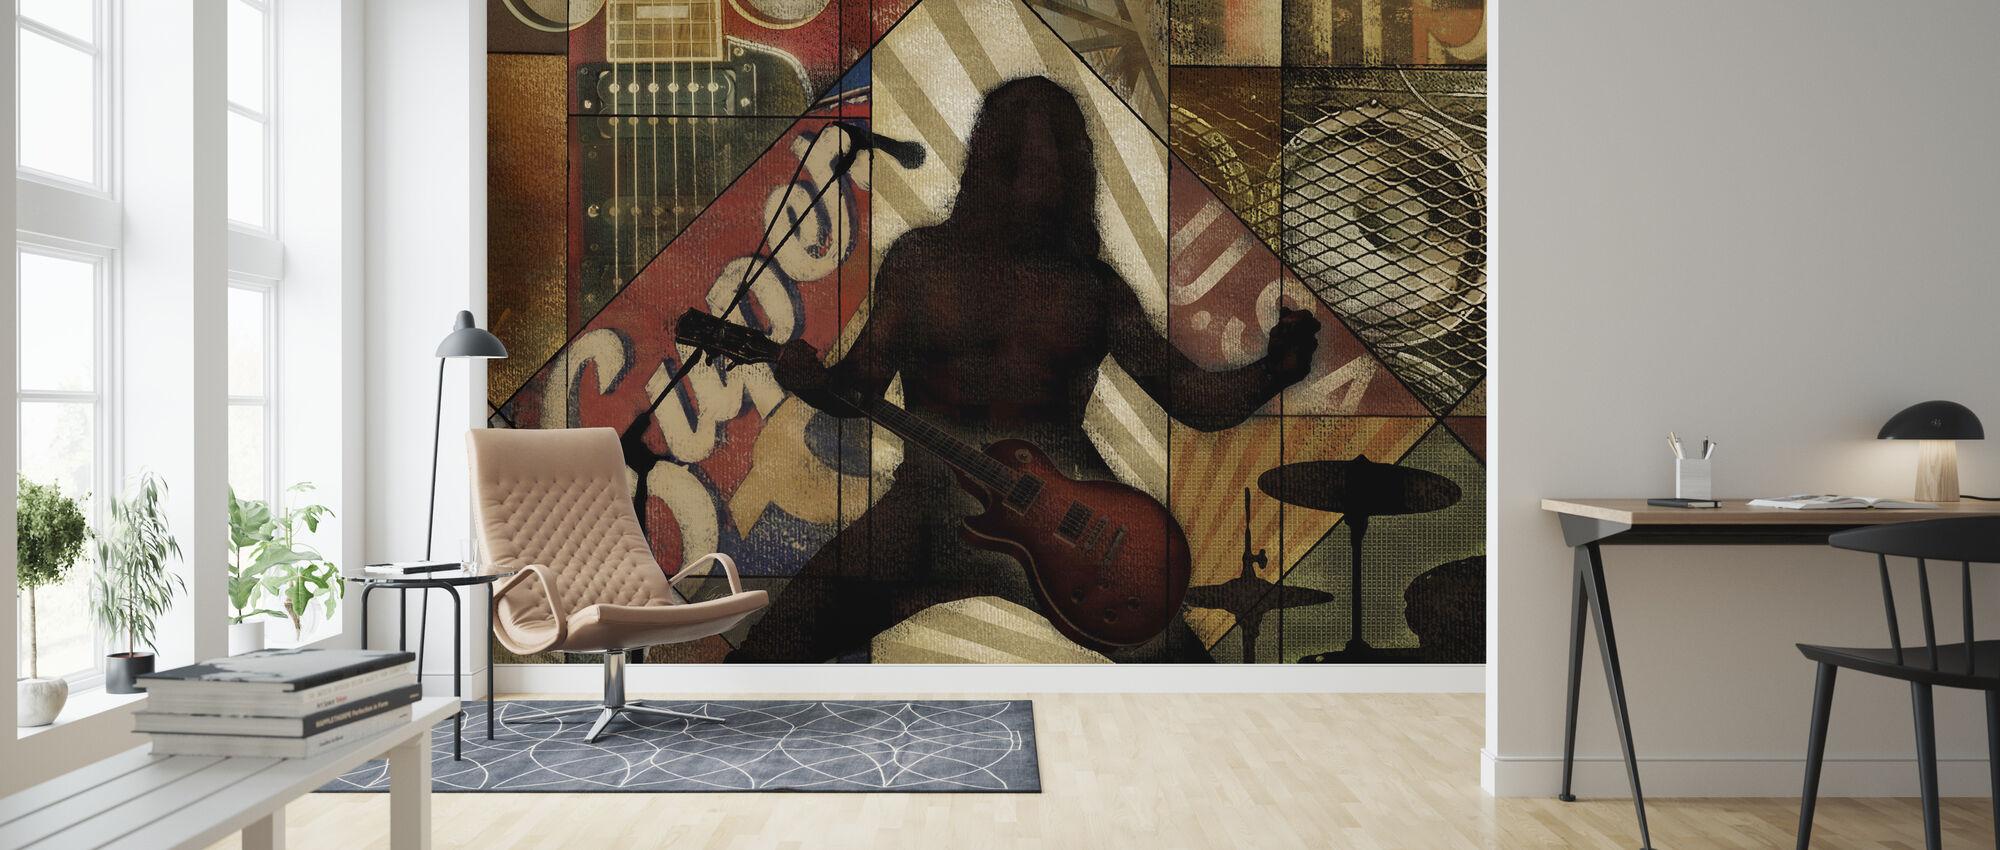 Superstar Rocker - Wallpaper - Living Room